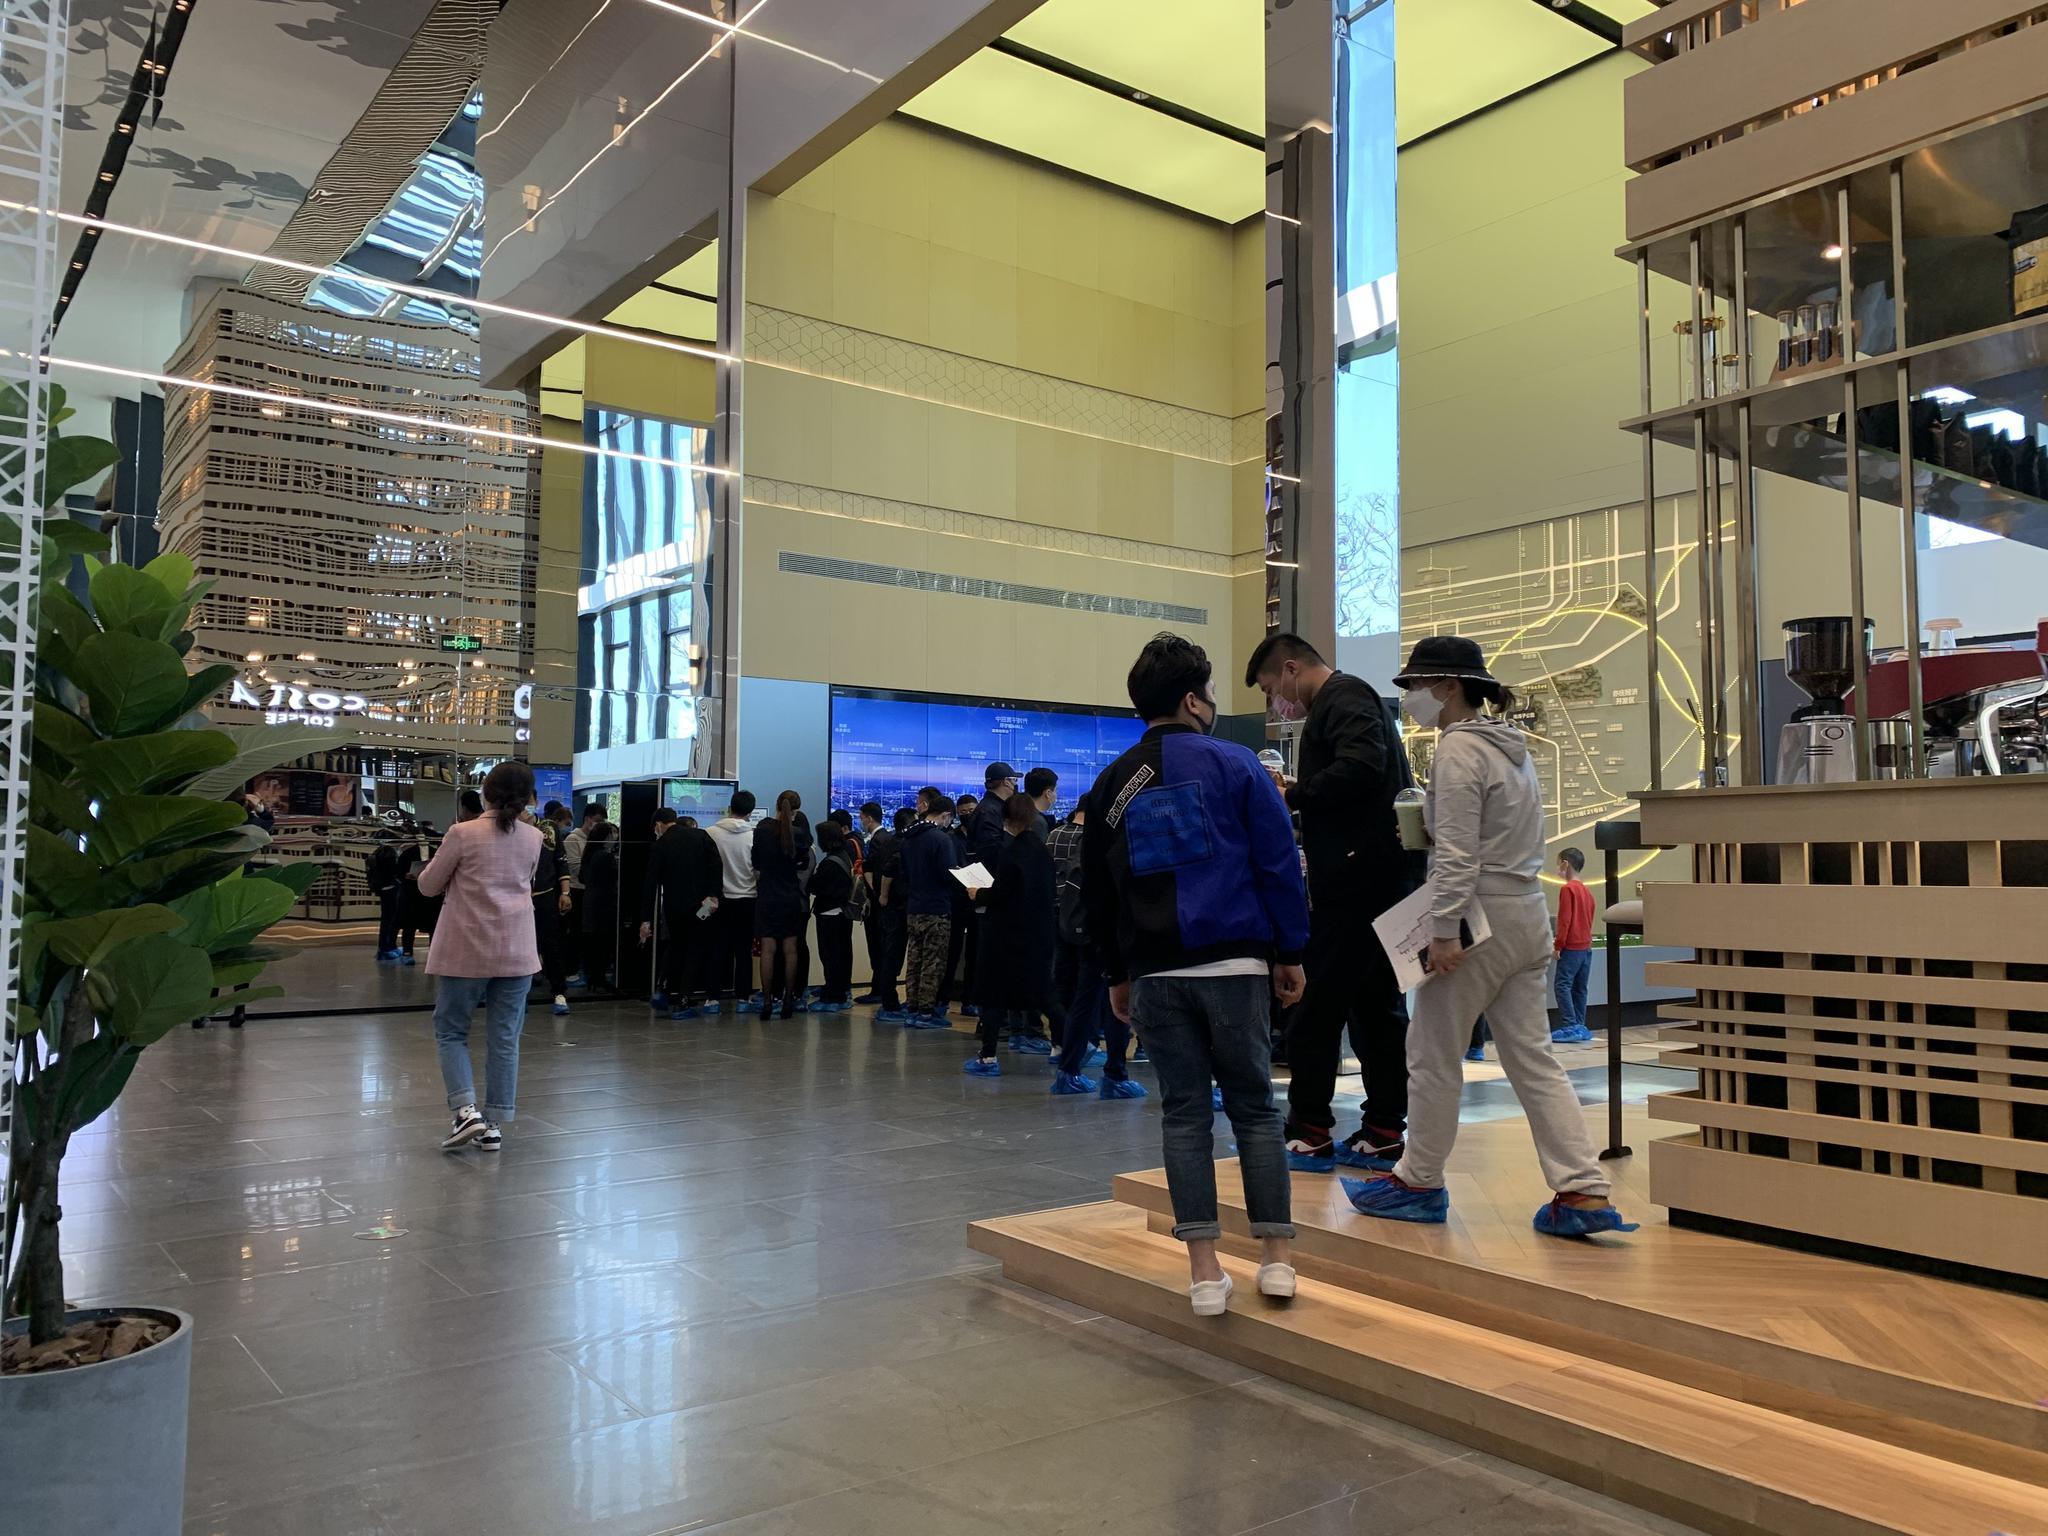 「彩票代理」排长队彩票代理北京多个售楼处图片